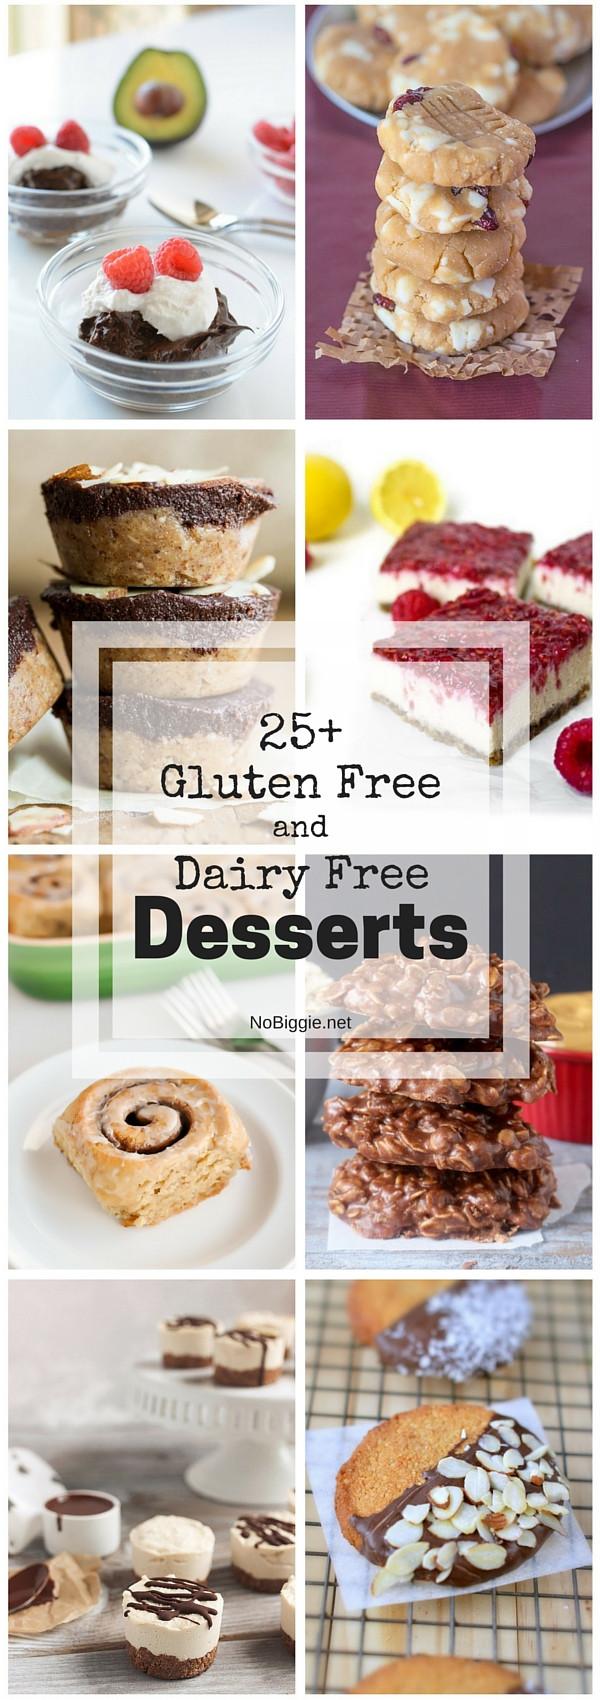 Dairy Free Gluten Free Desserts  25 Gluten Free and Dairy Free Desserts